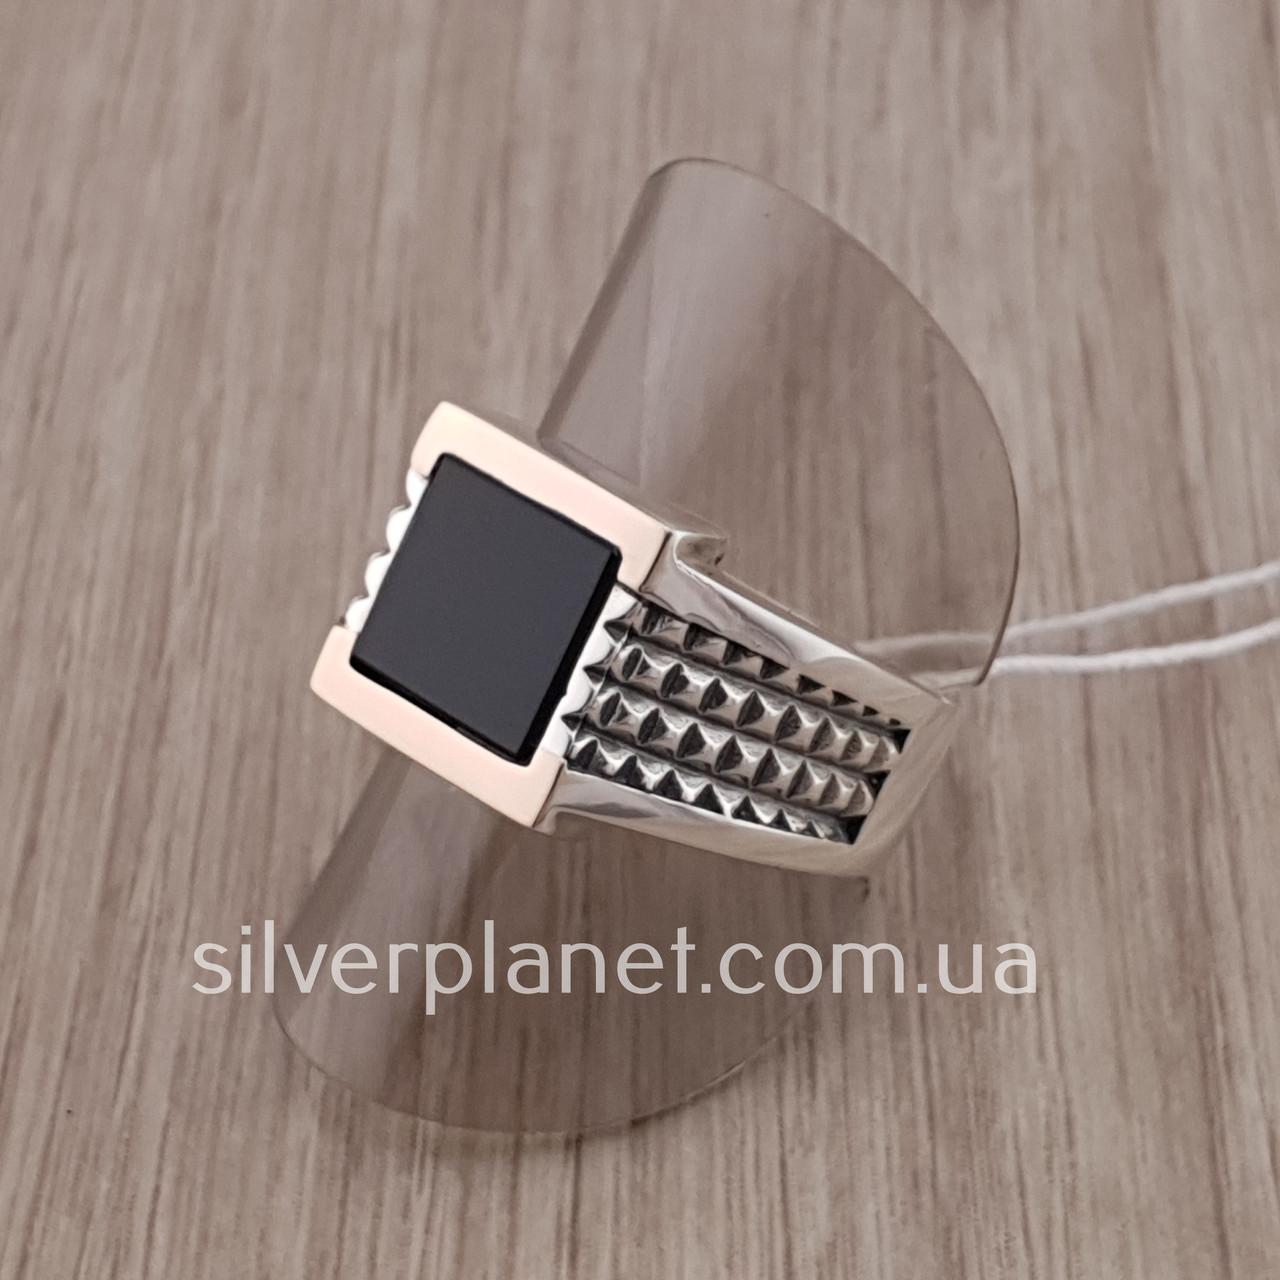 Мужской серебряный перстень размер 21,5. Мужское кольцо с золотой пластиной 375